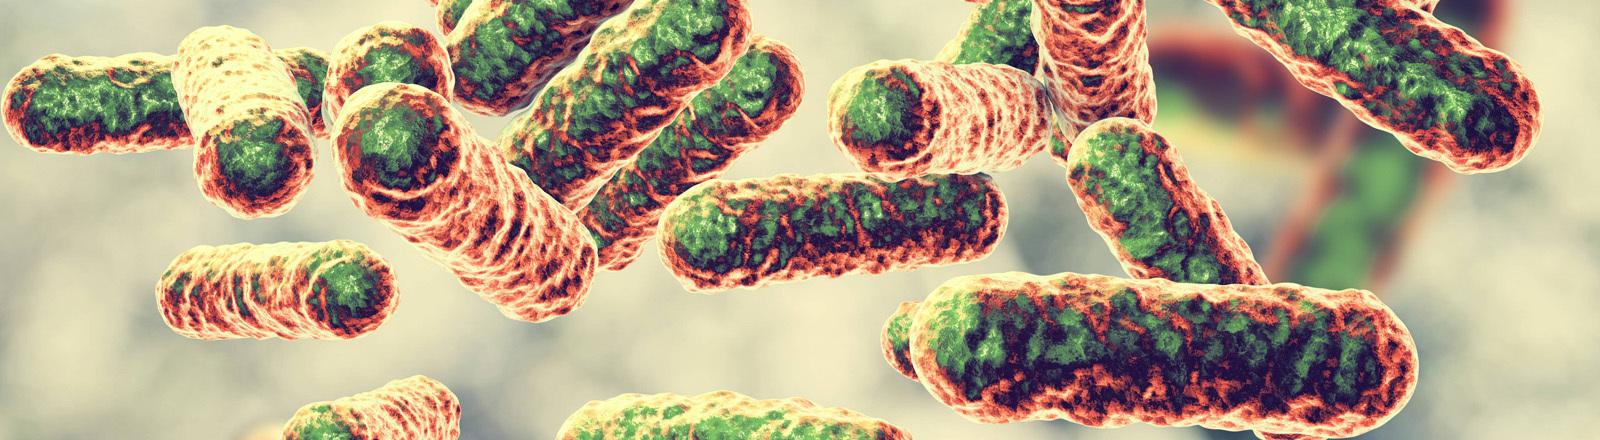 Bartonella-quintana-Bakterien, die das Schützengraben-Fieber oder Wolhynisches Fieber auslösen.